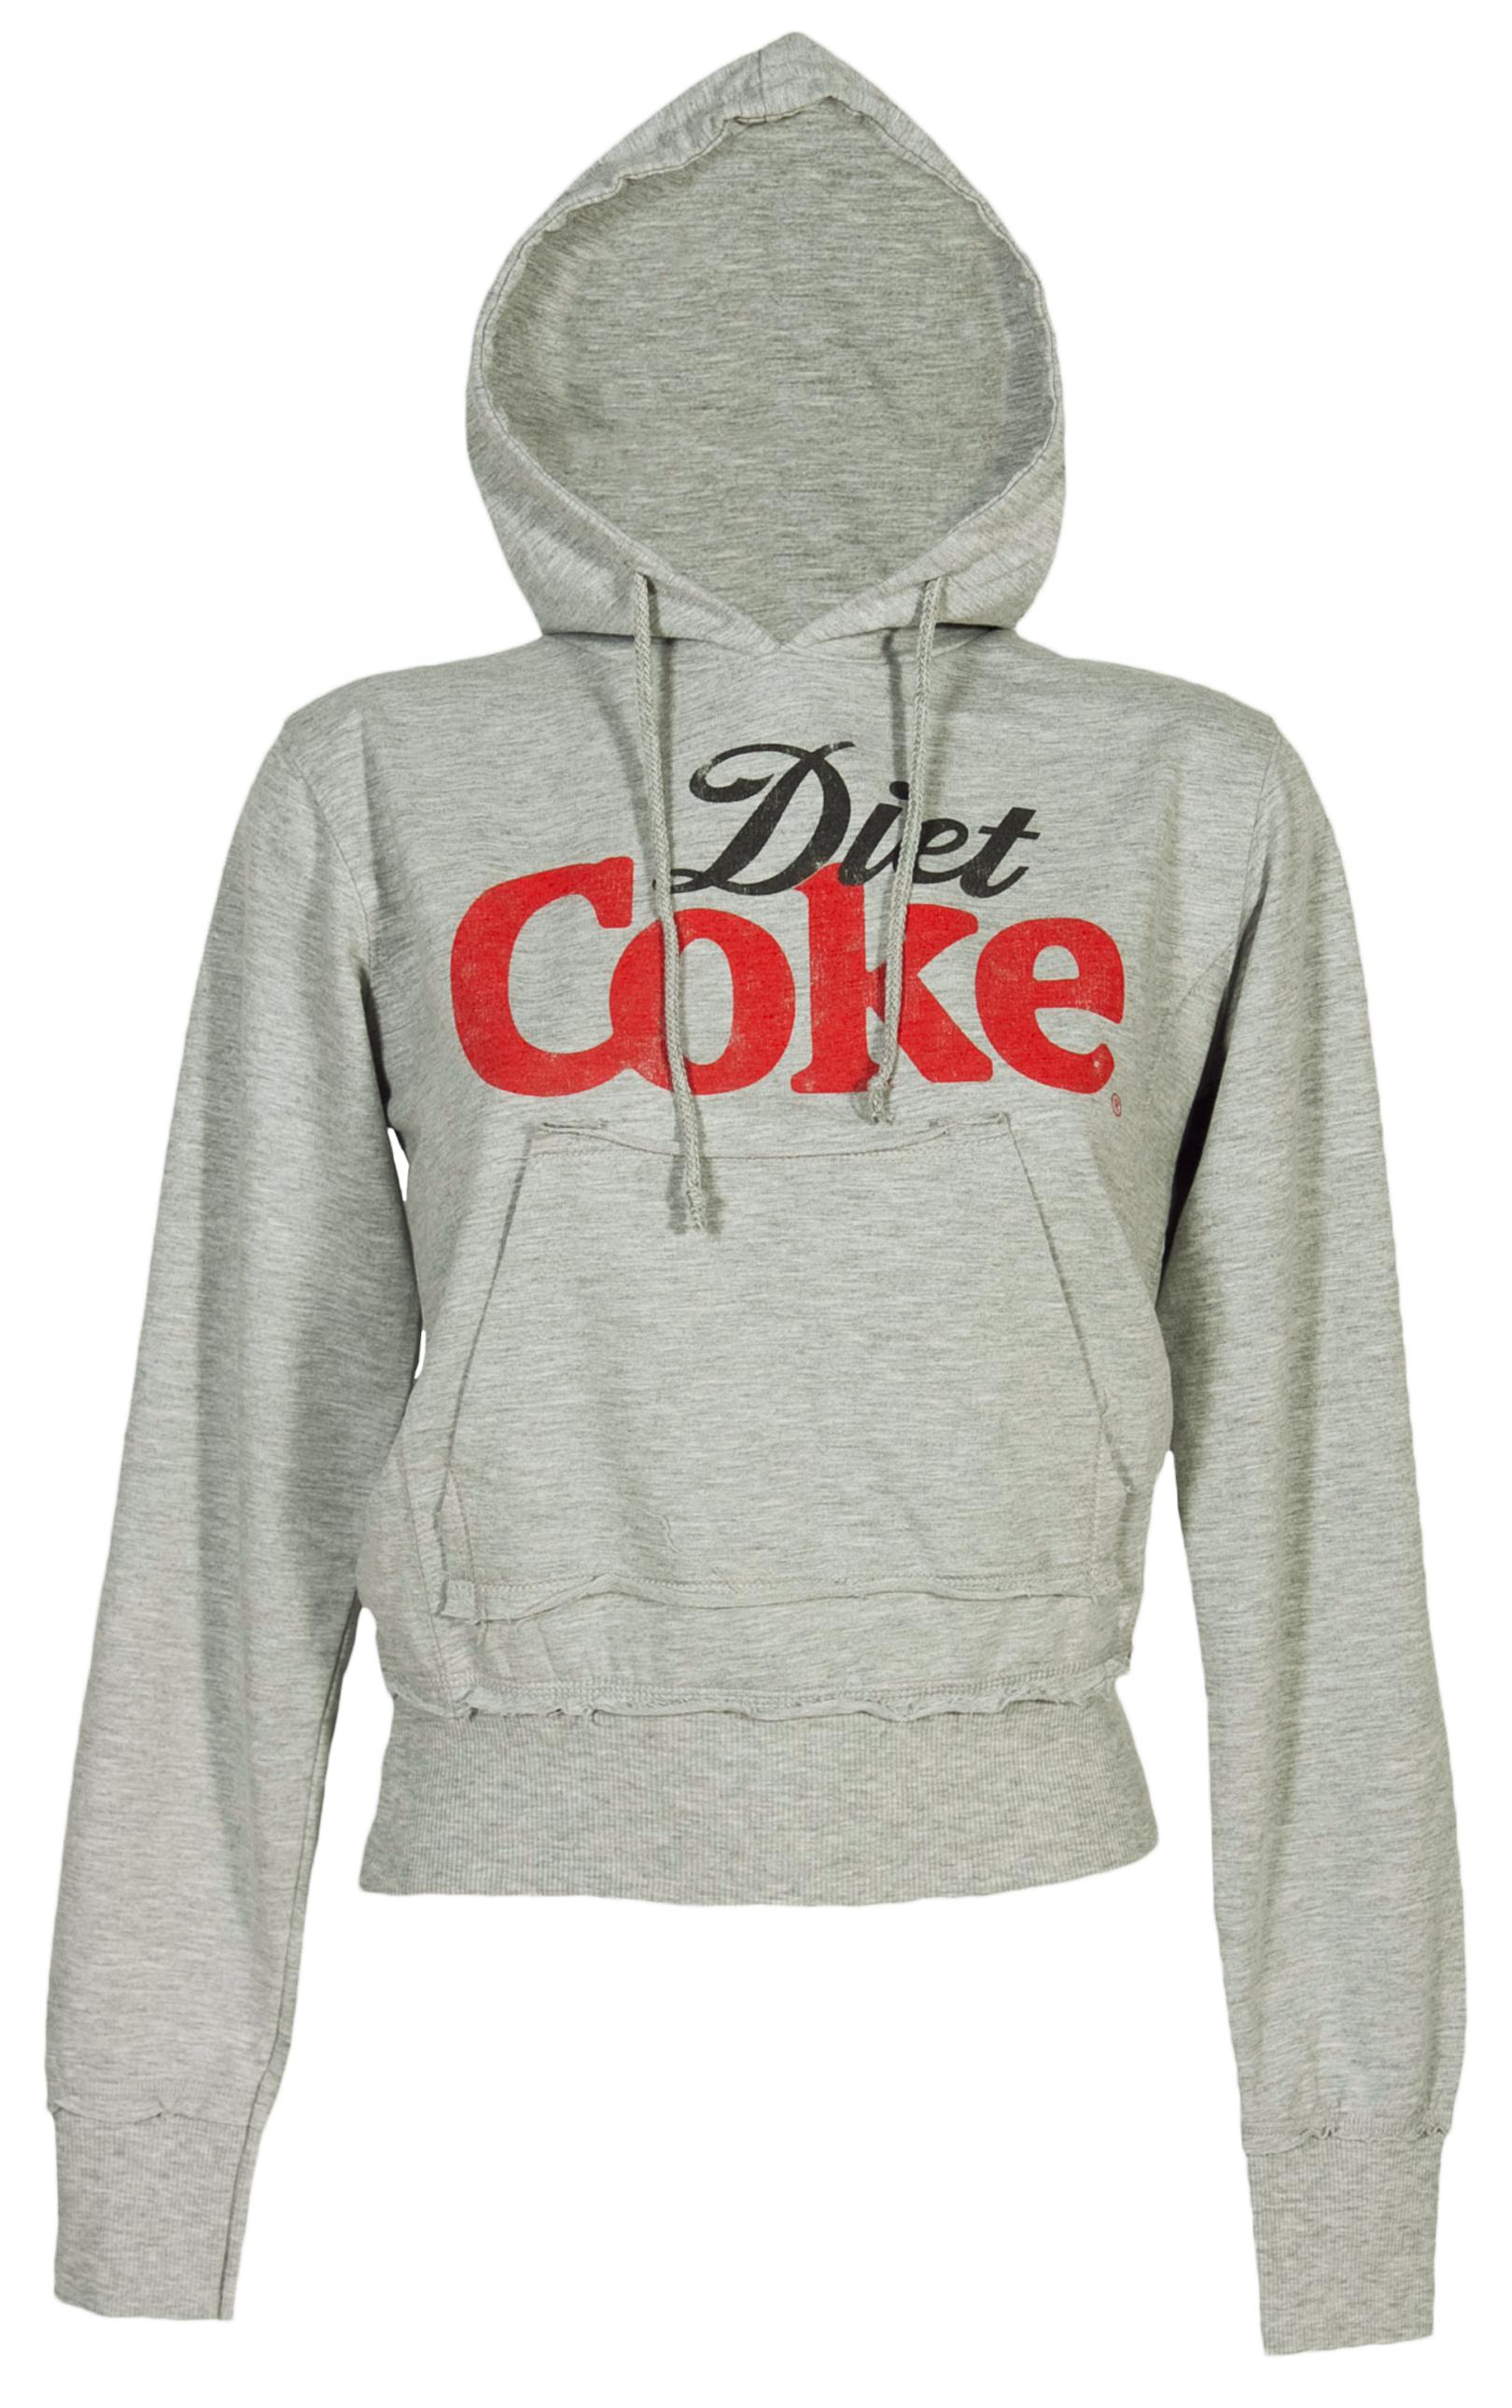 Ladies Diet Coke Hoodie £34.99